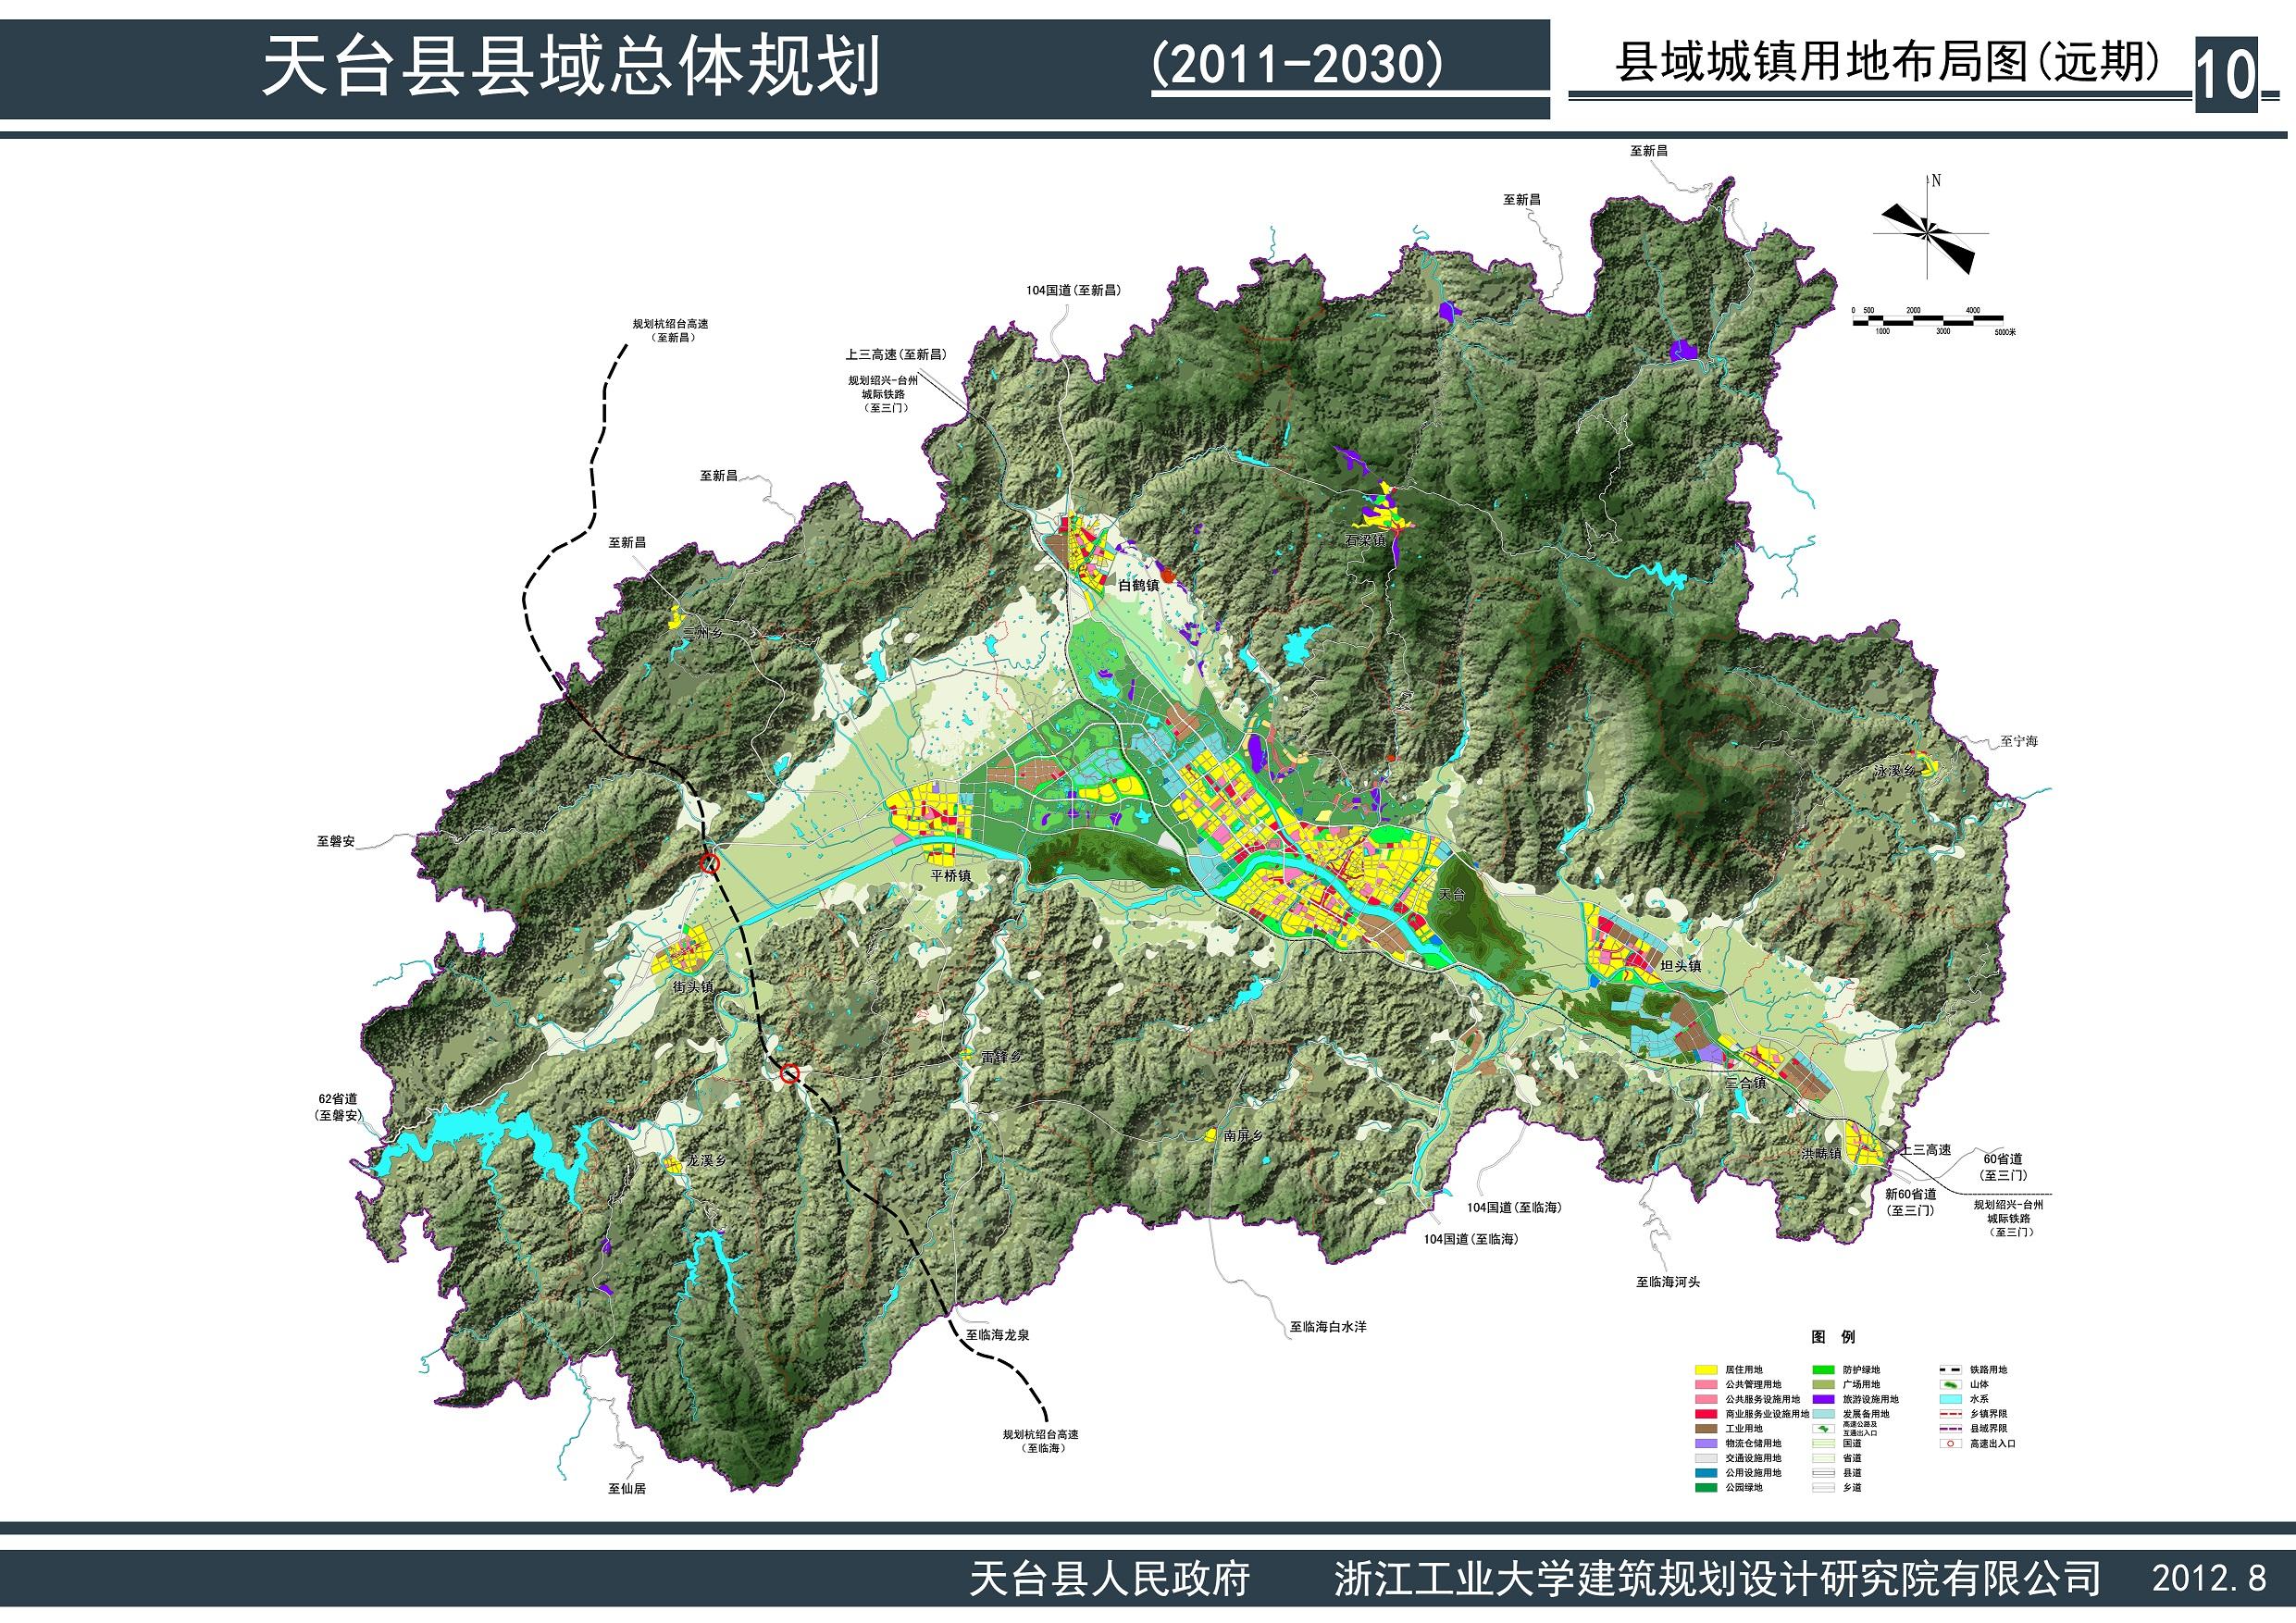 天台县县域总体规划图(2011-2030)